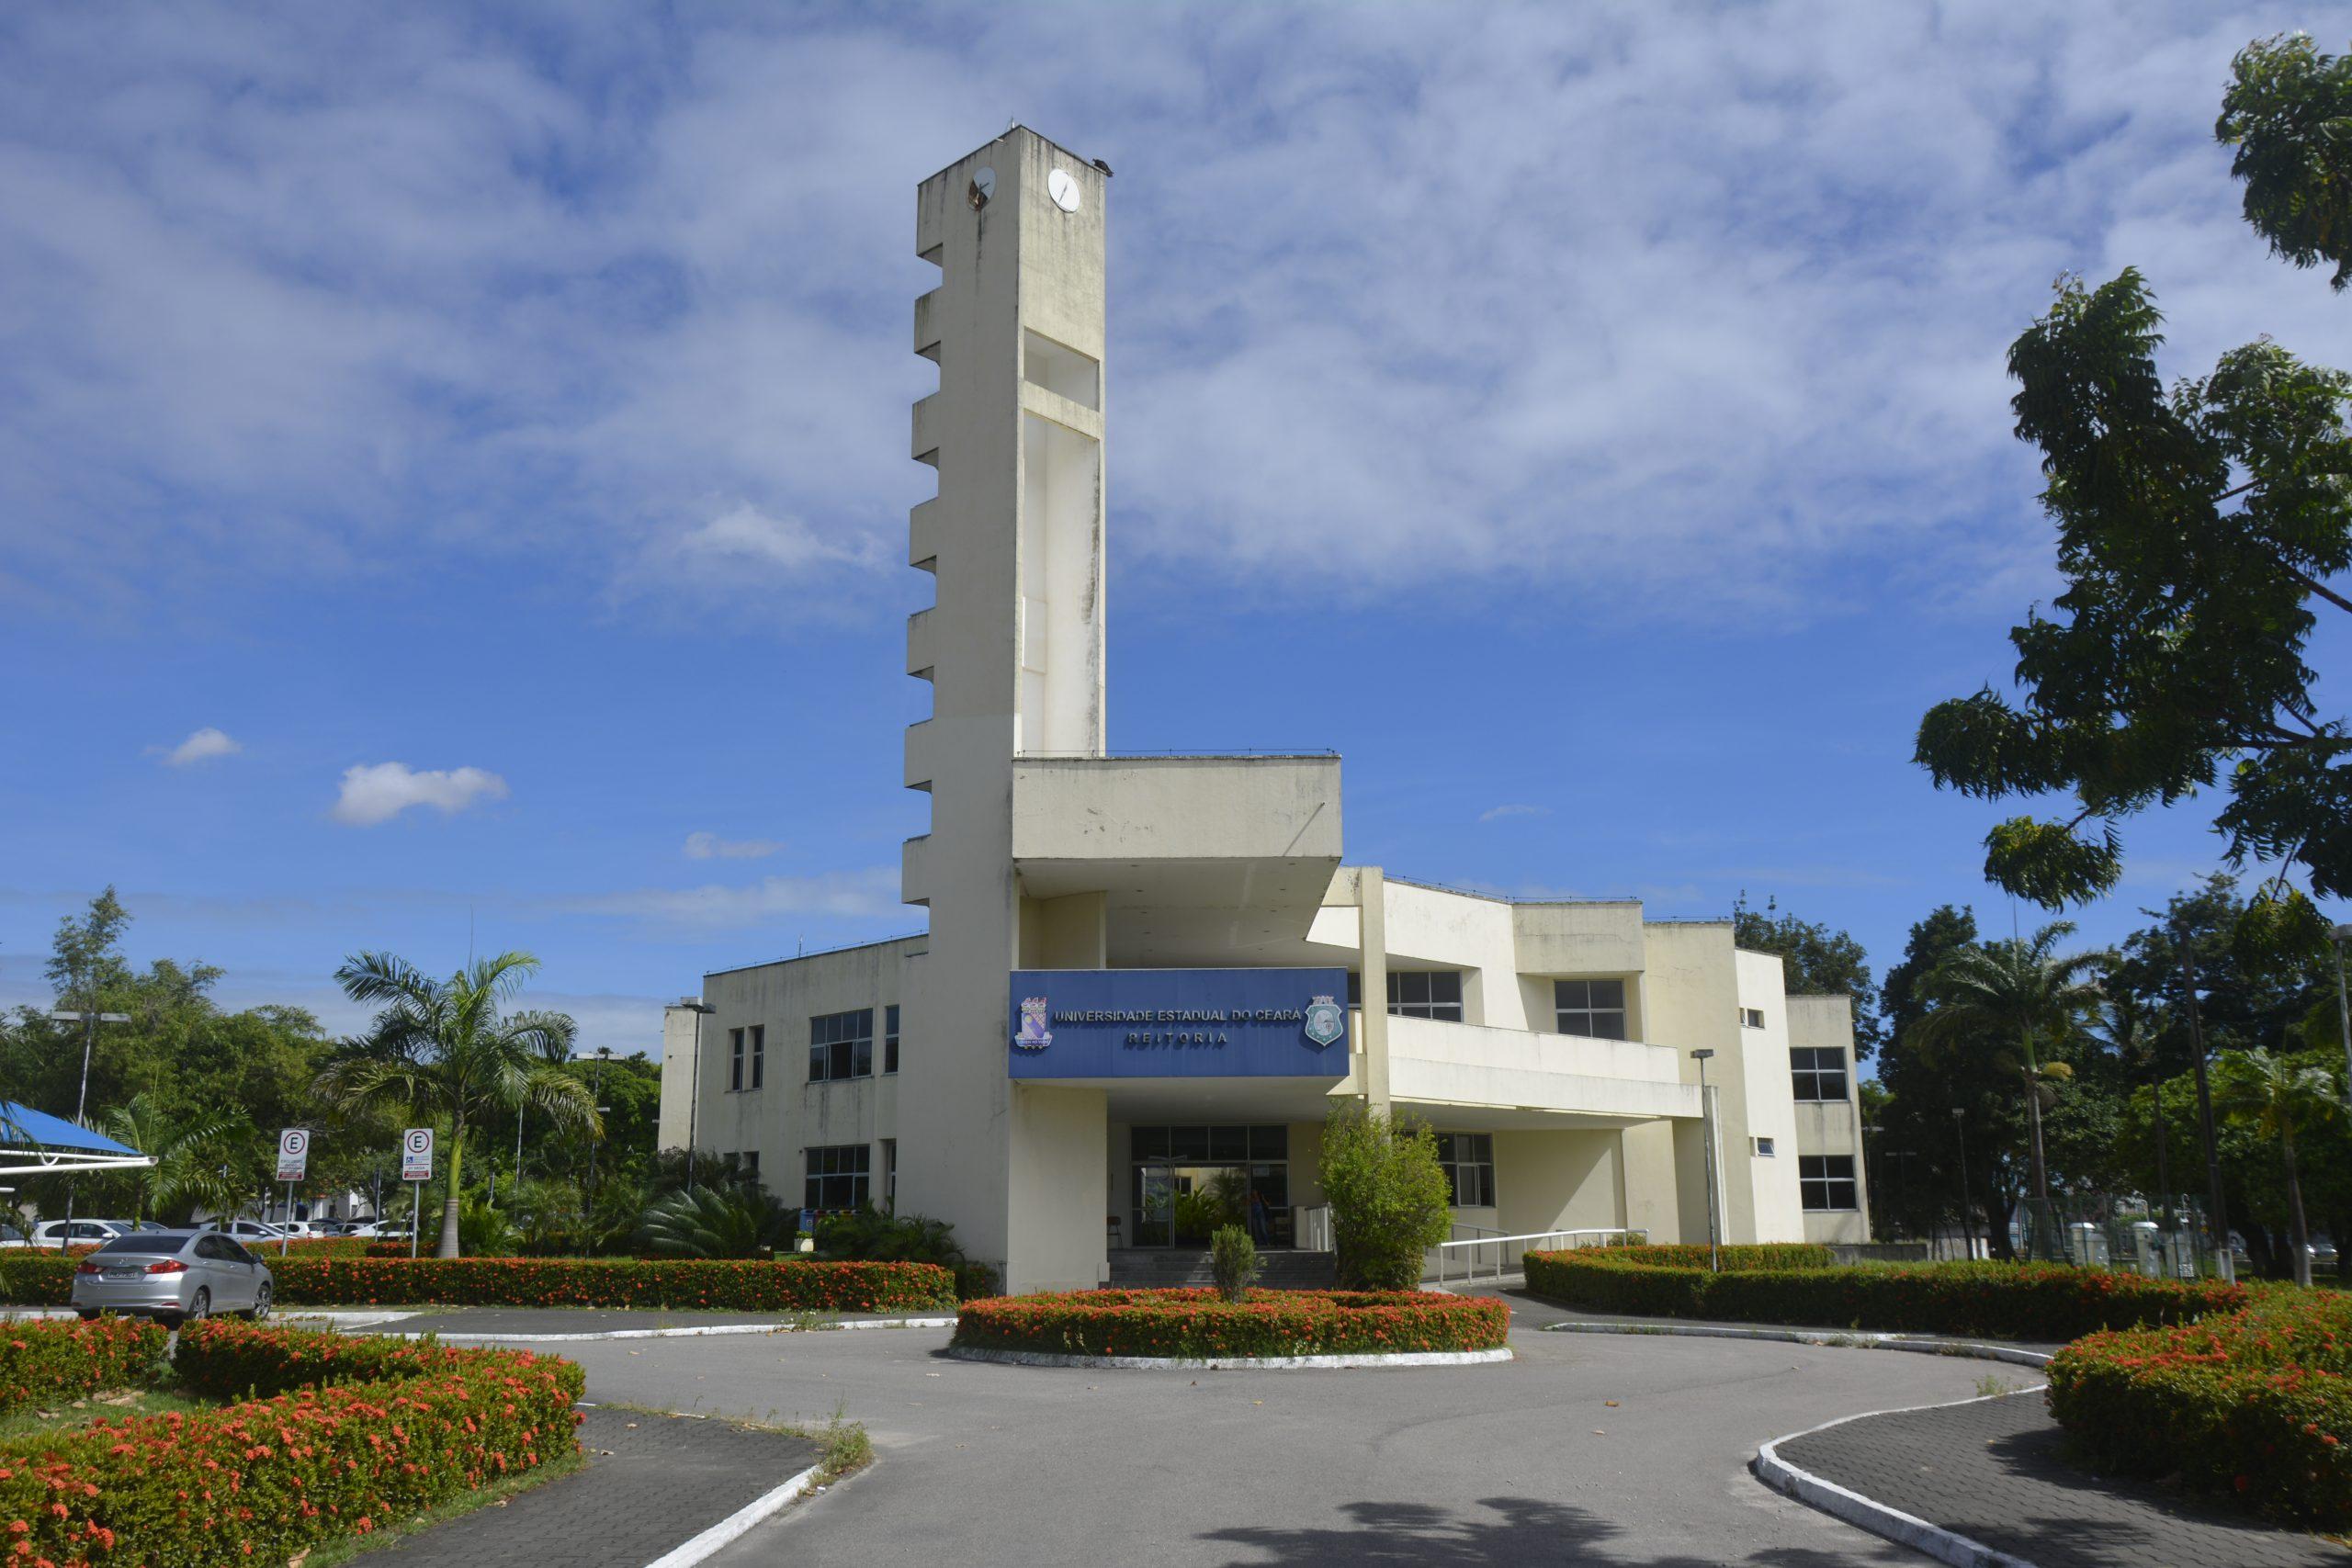 Fachada da Universidade Estadual do Ceará